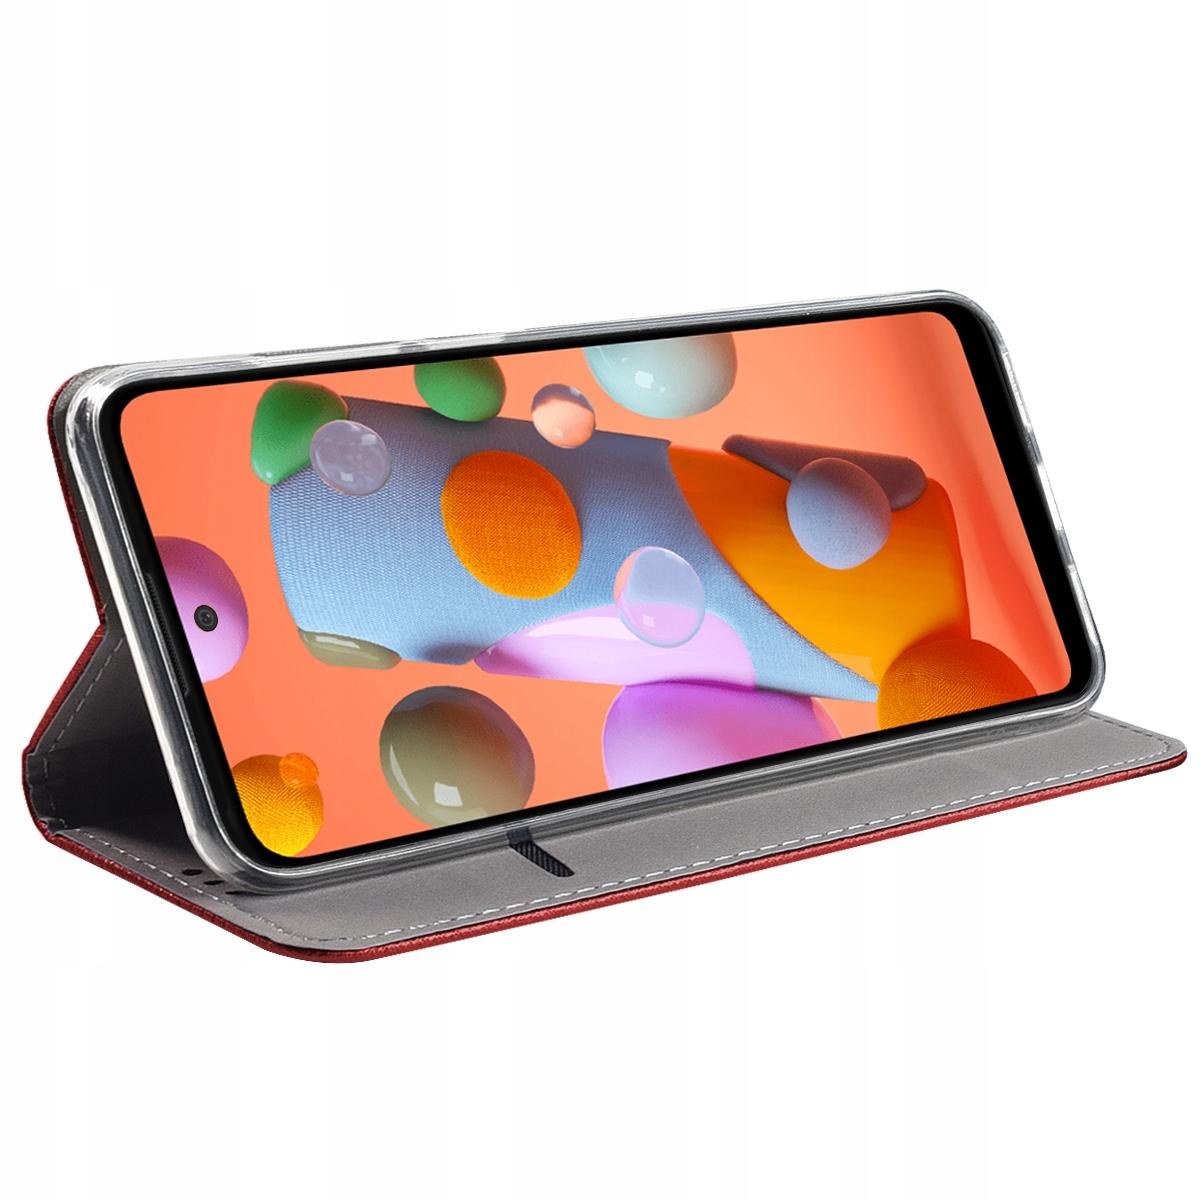 Etui do Huawei P Smart 2021 Case Magnet + Szkło 9H Producent KrainaGSM